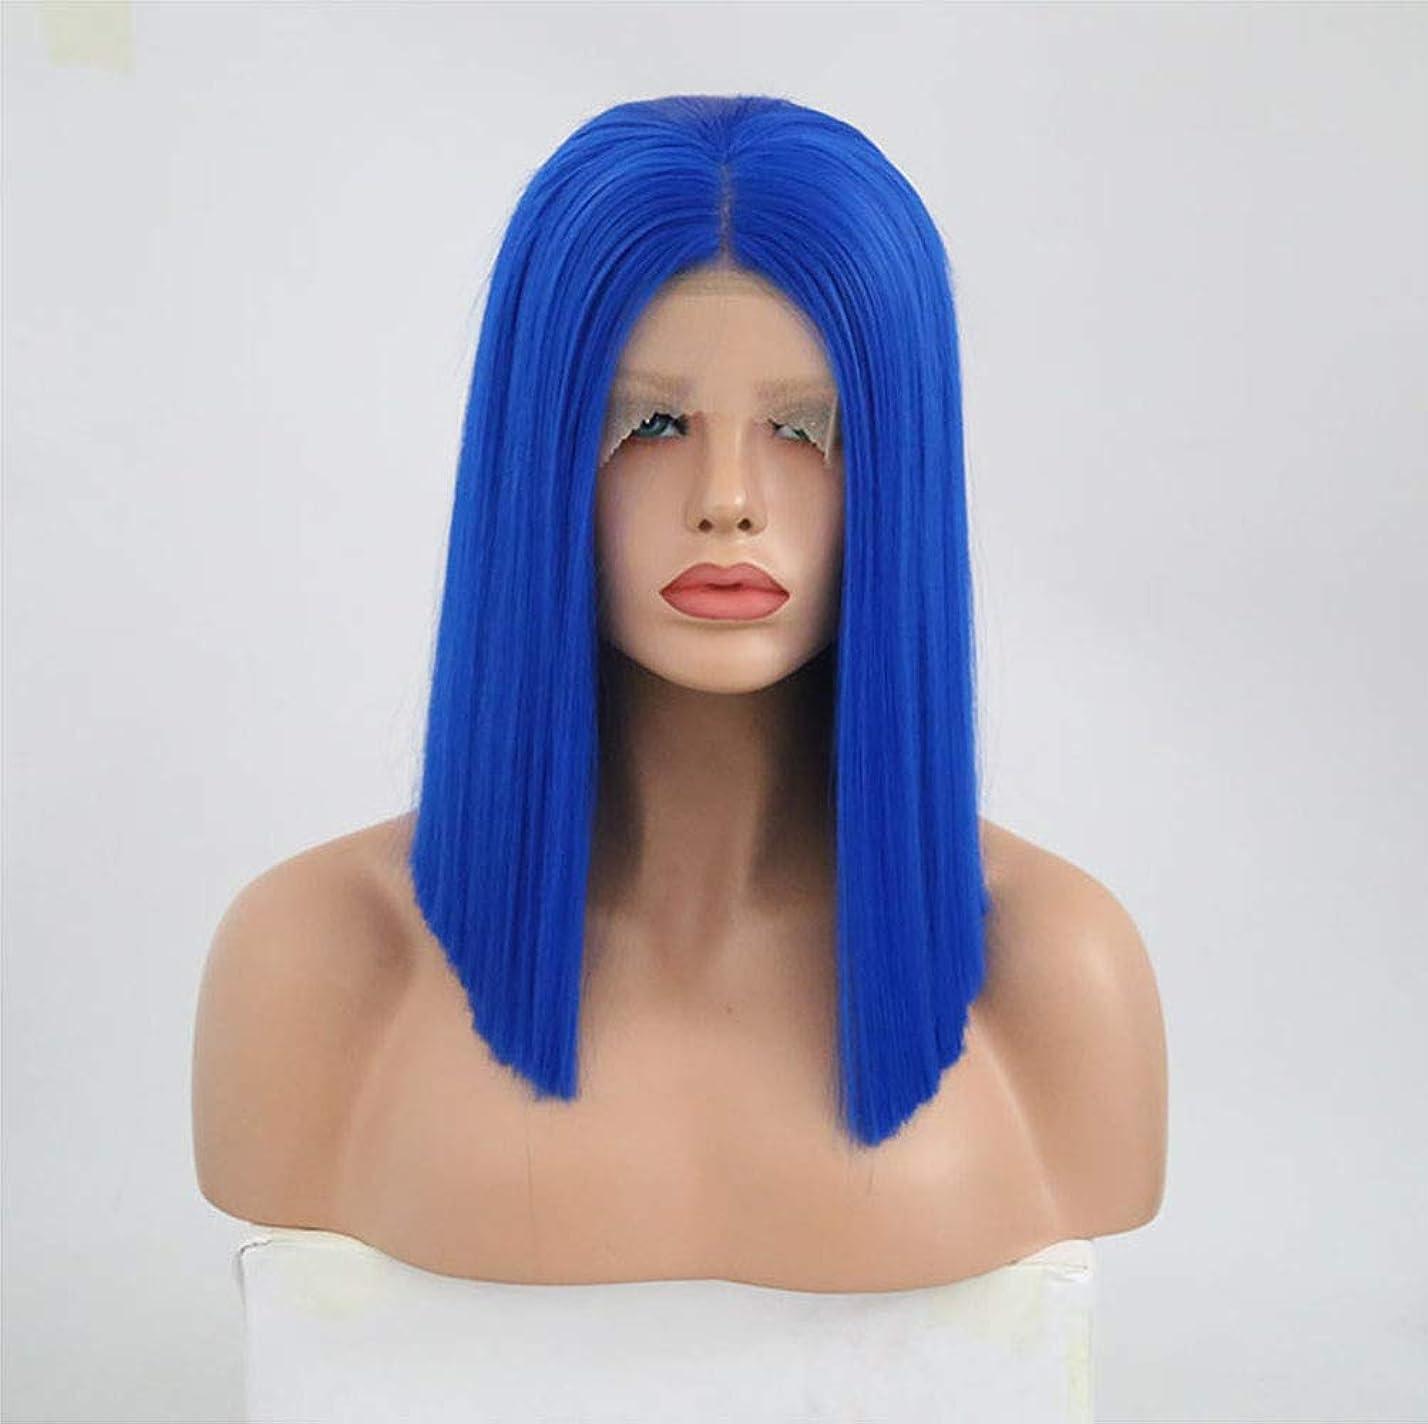 受粉する近々ライフル女性用フロントレースストレートウィッグ耐熱合成毛ウィッグ+ウィッグキャップブルー